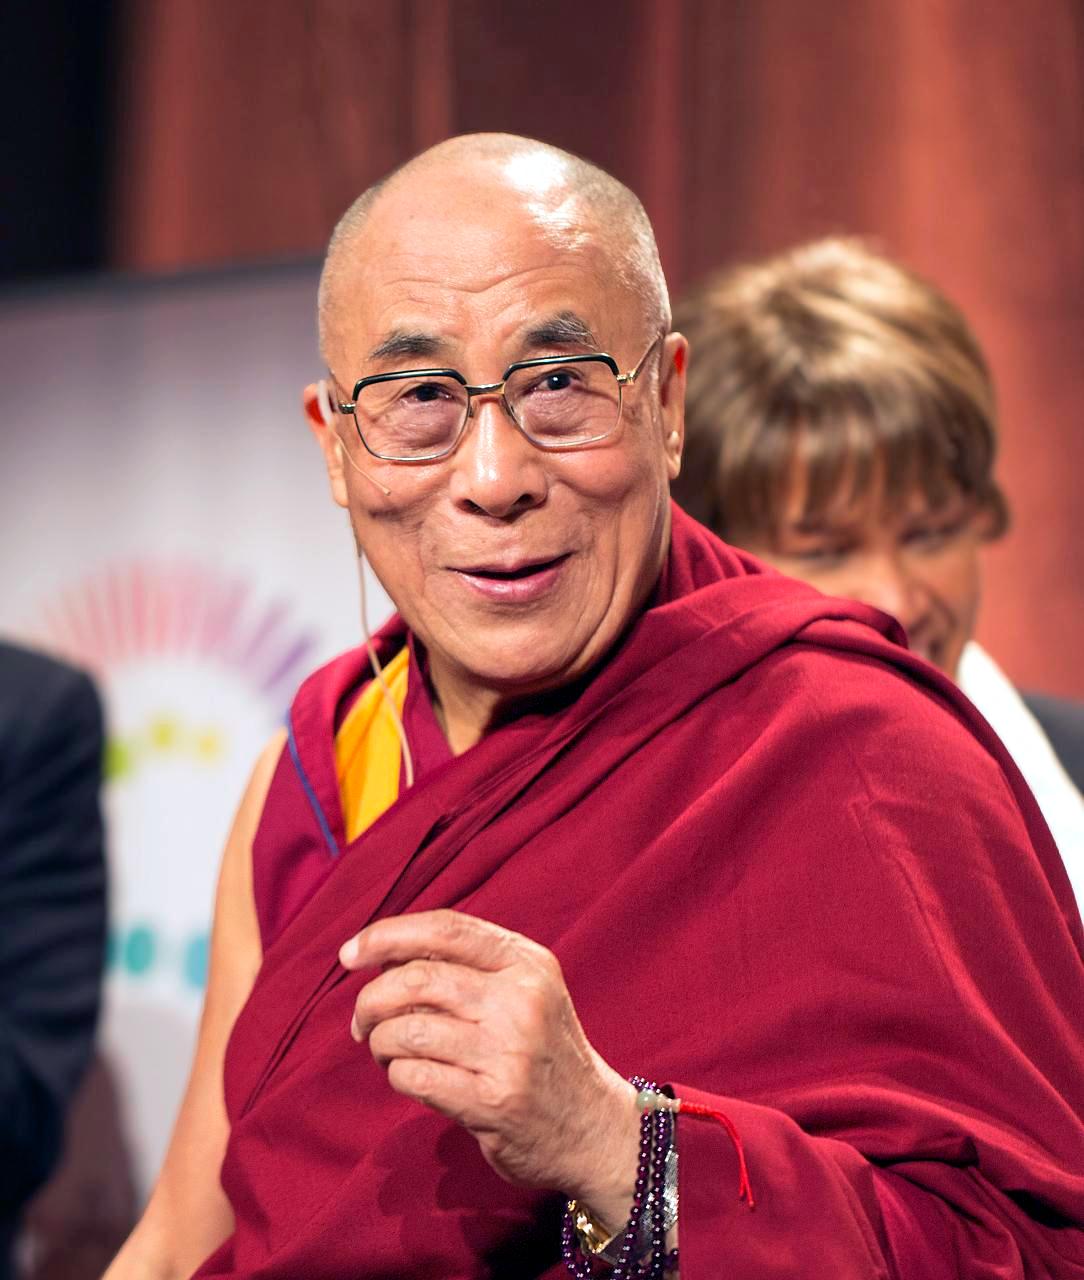 Veja o que saiu no Migalhas sobre Dalai-lama